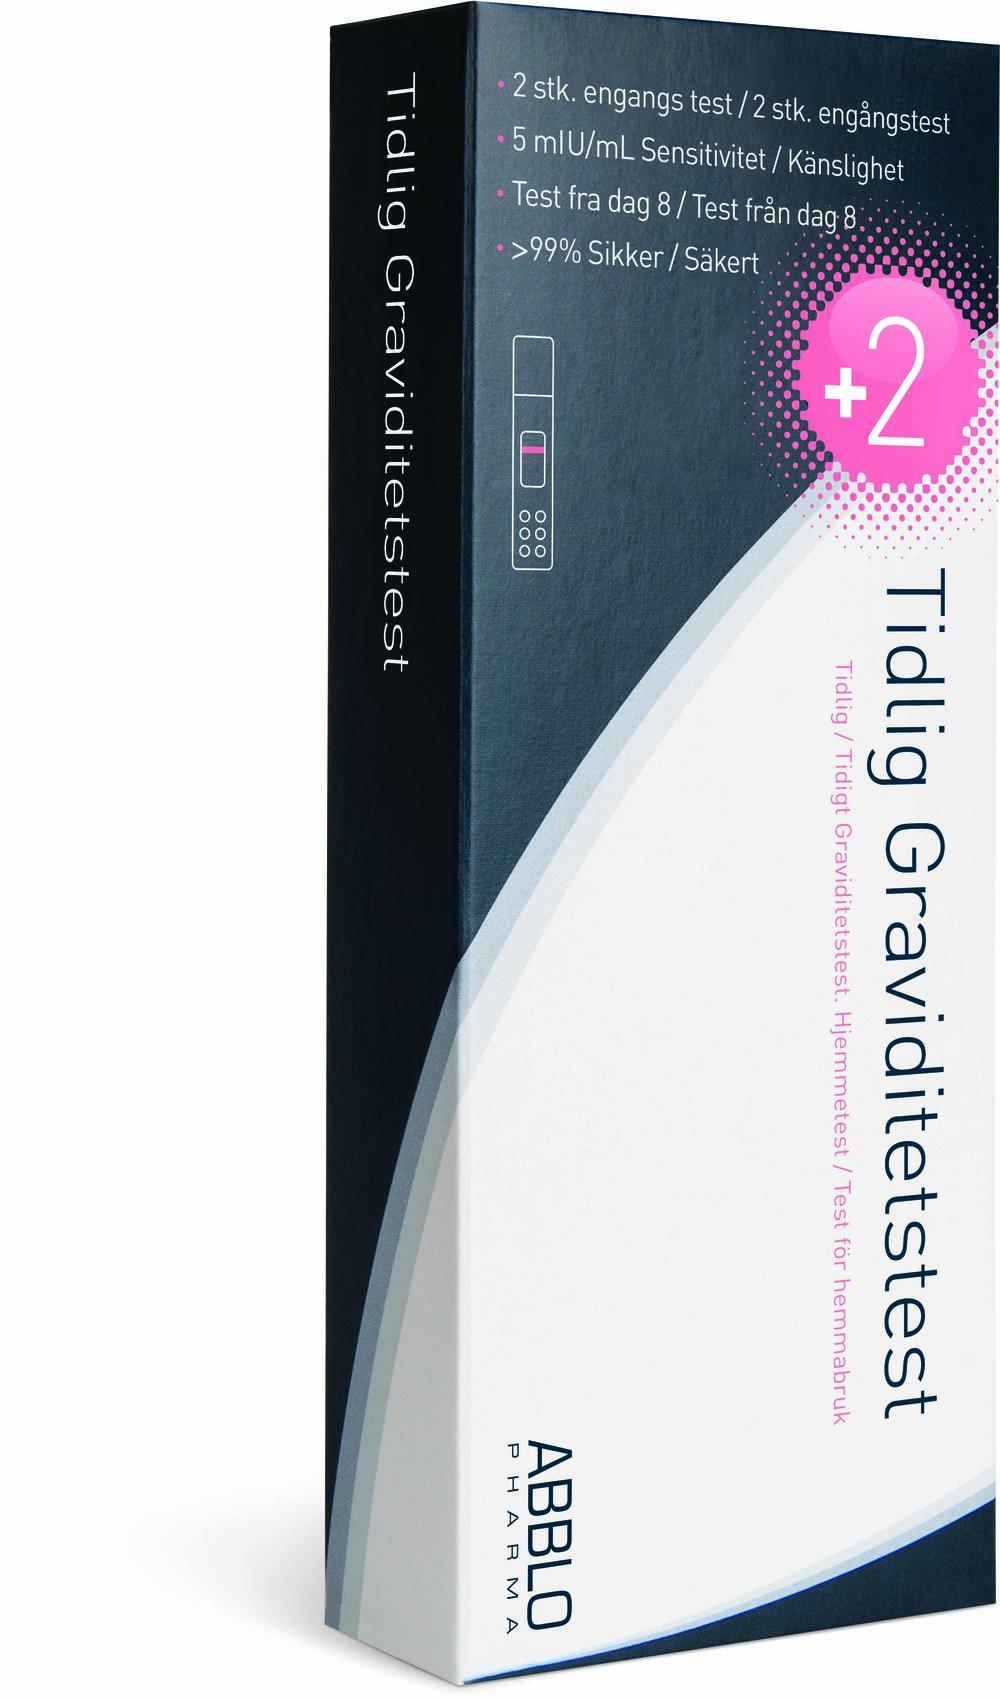 Copy of ABBLO_Pharma_early_pregnancy_tidlig_graviditet.jpg